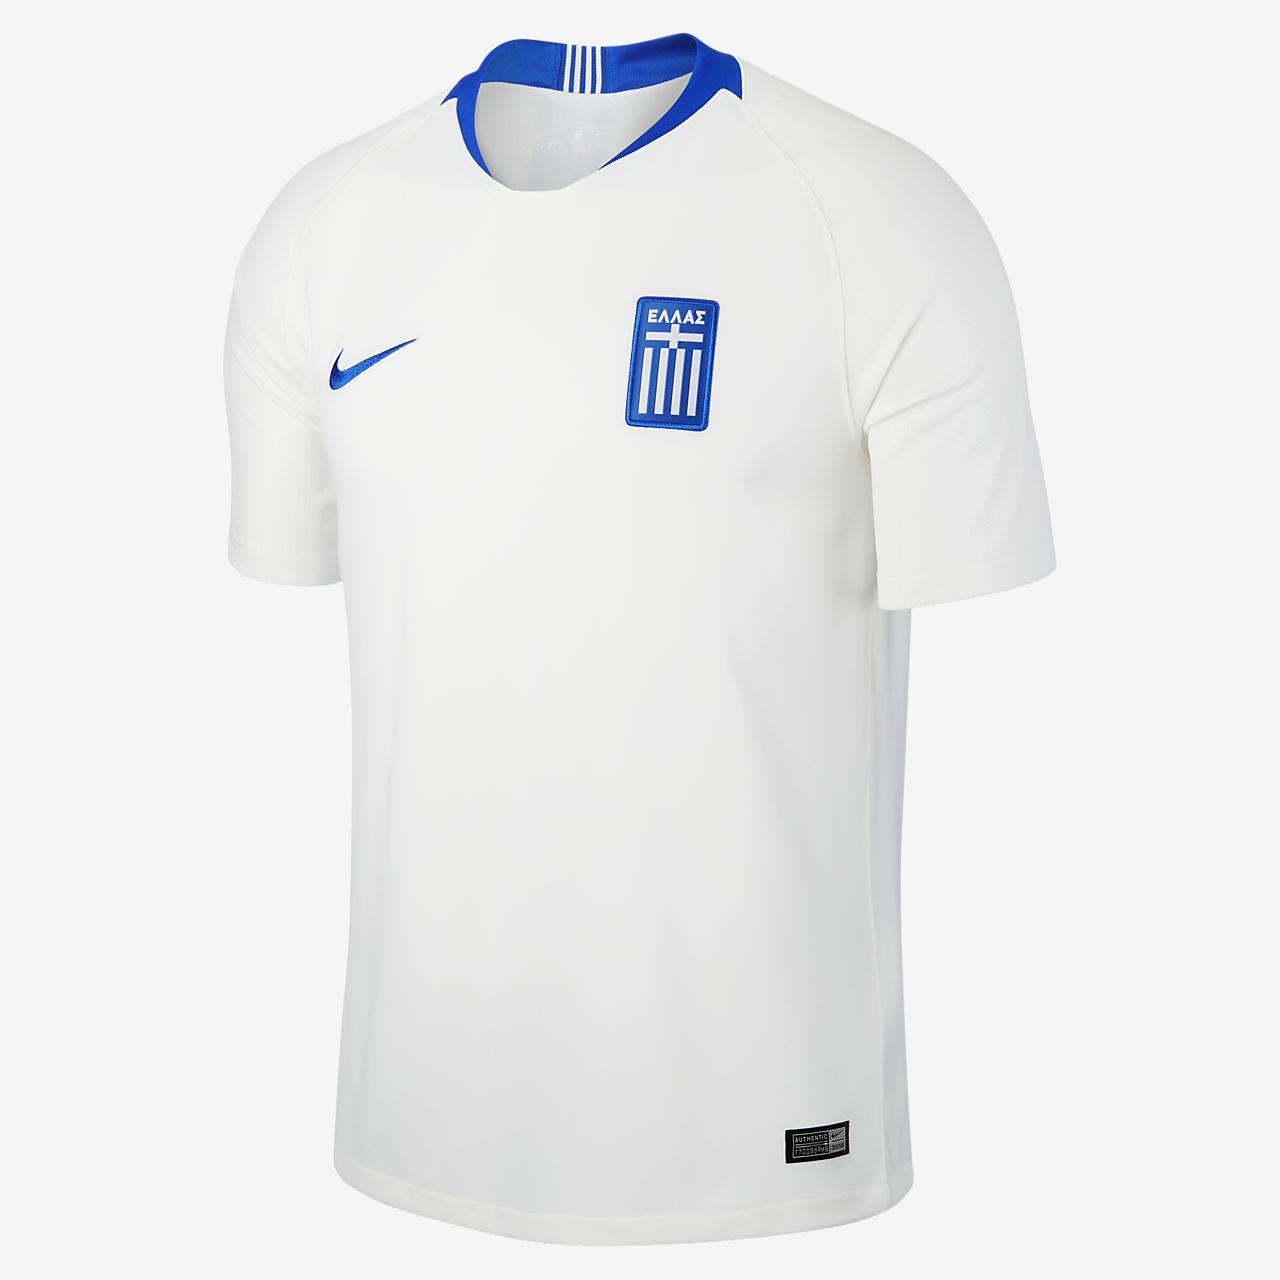 96dc479a 2018 Greece Stadium Home Men's Football Shirt. Nike.com AU